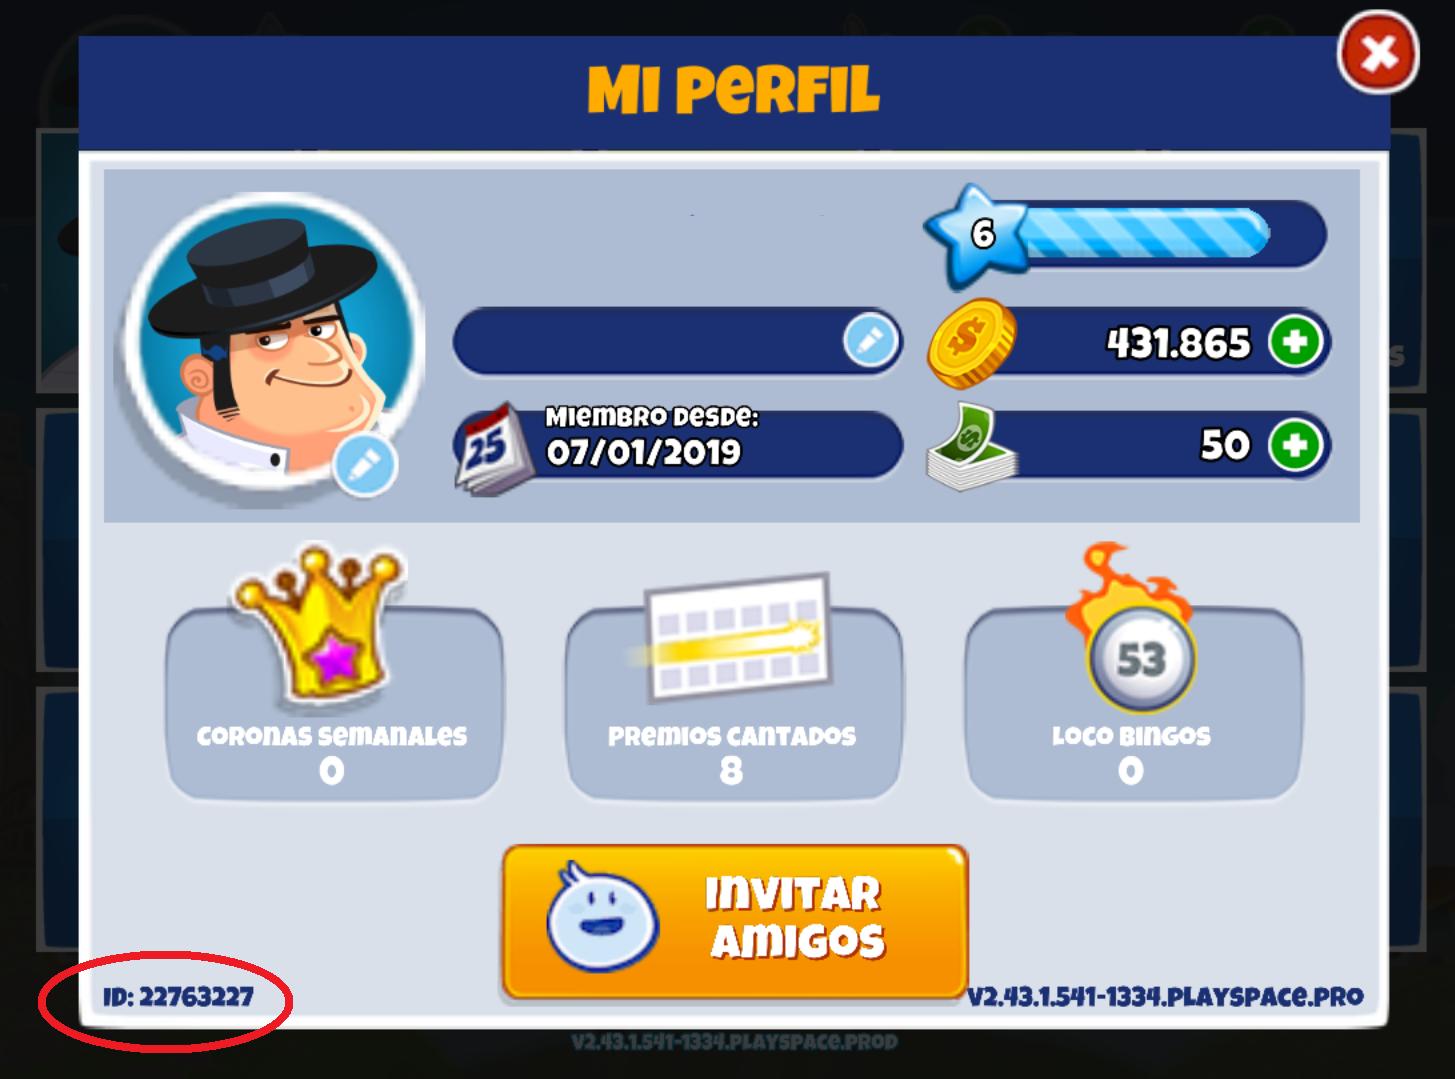 Mi_perfil1.png